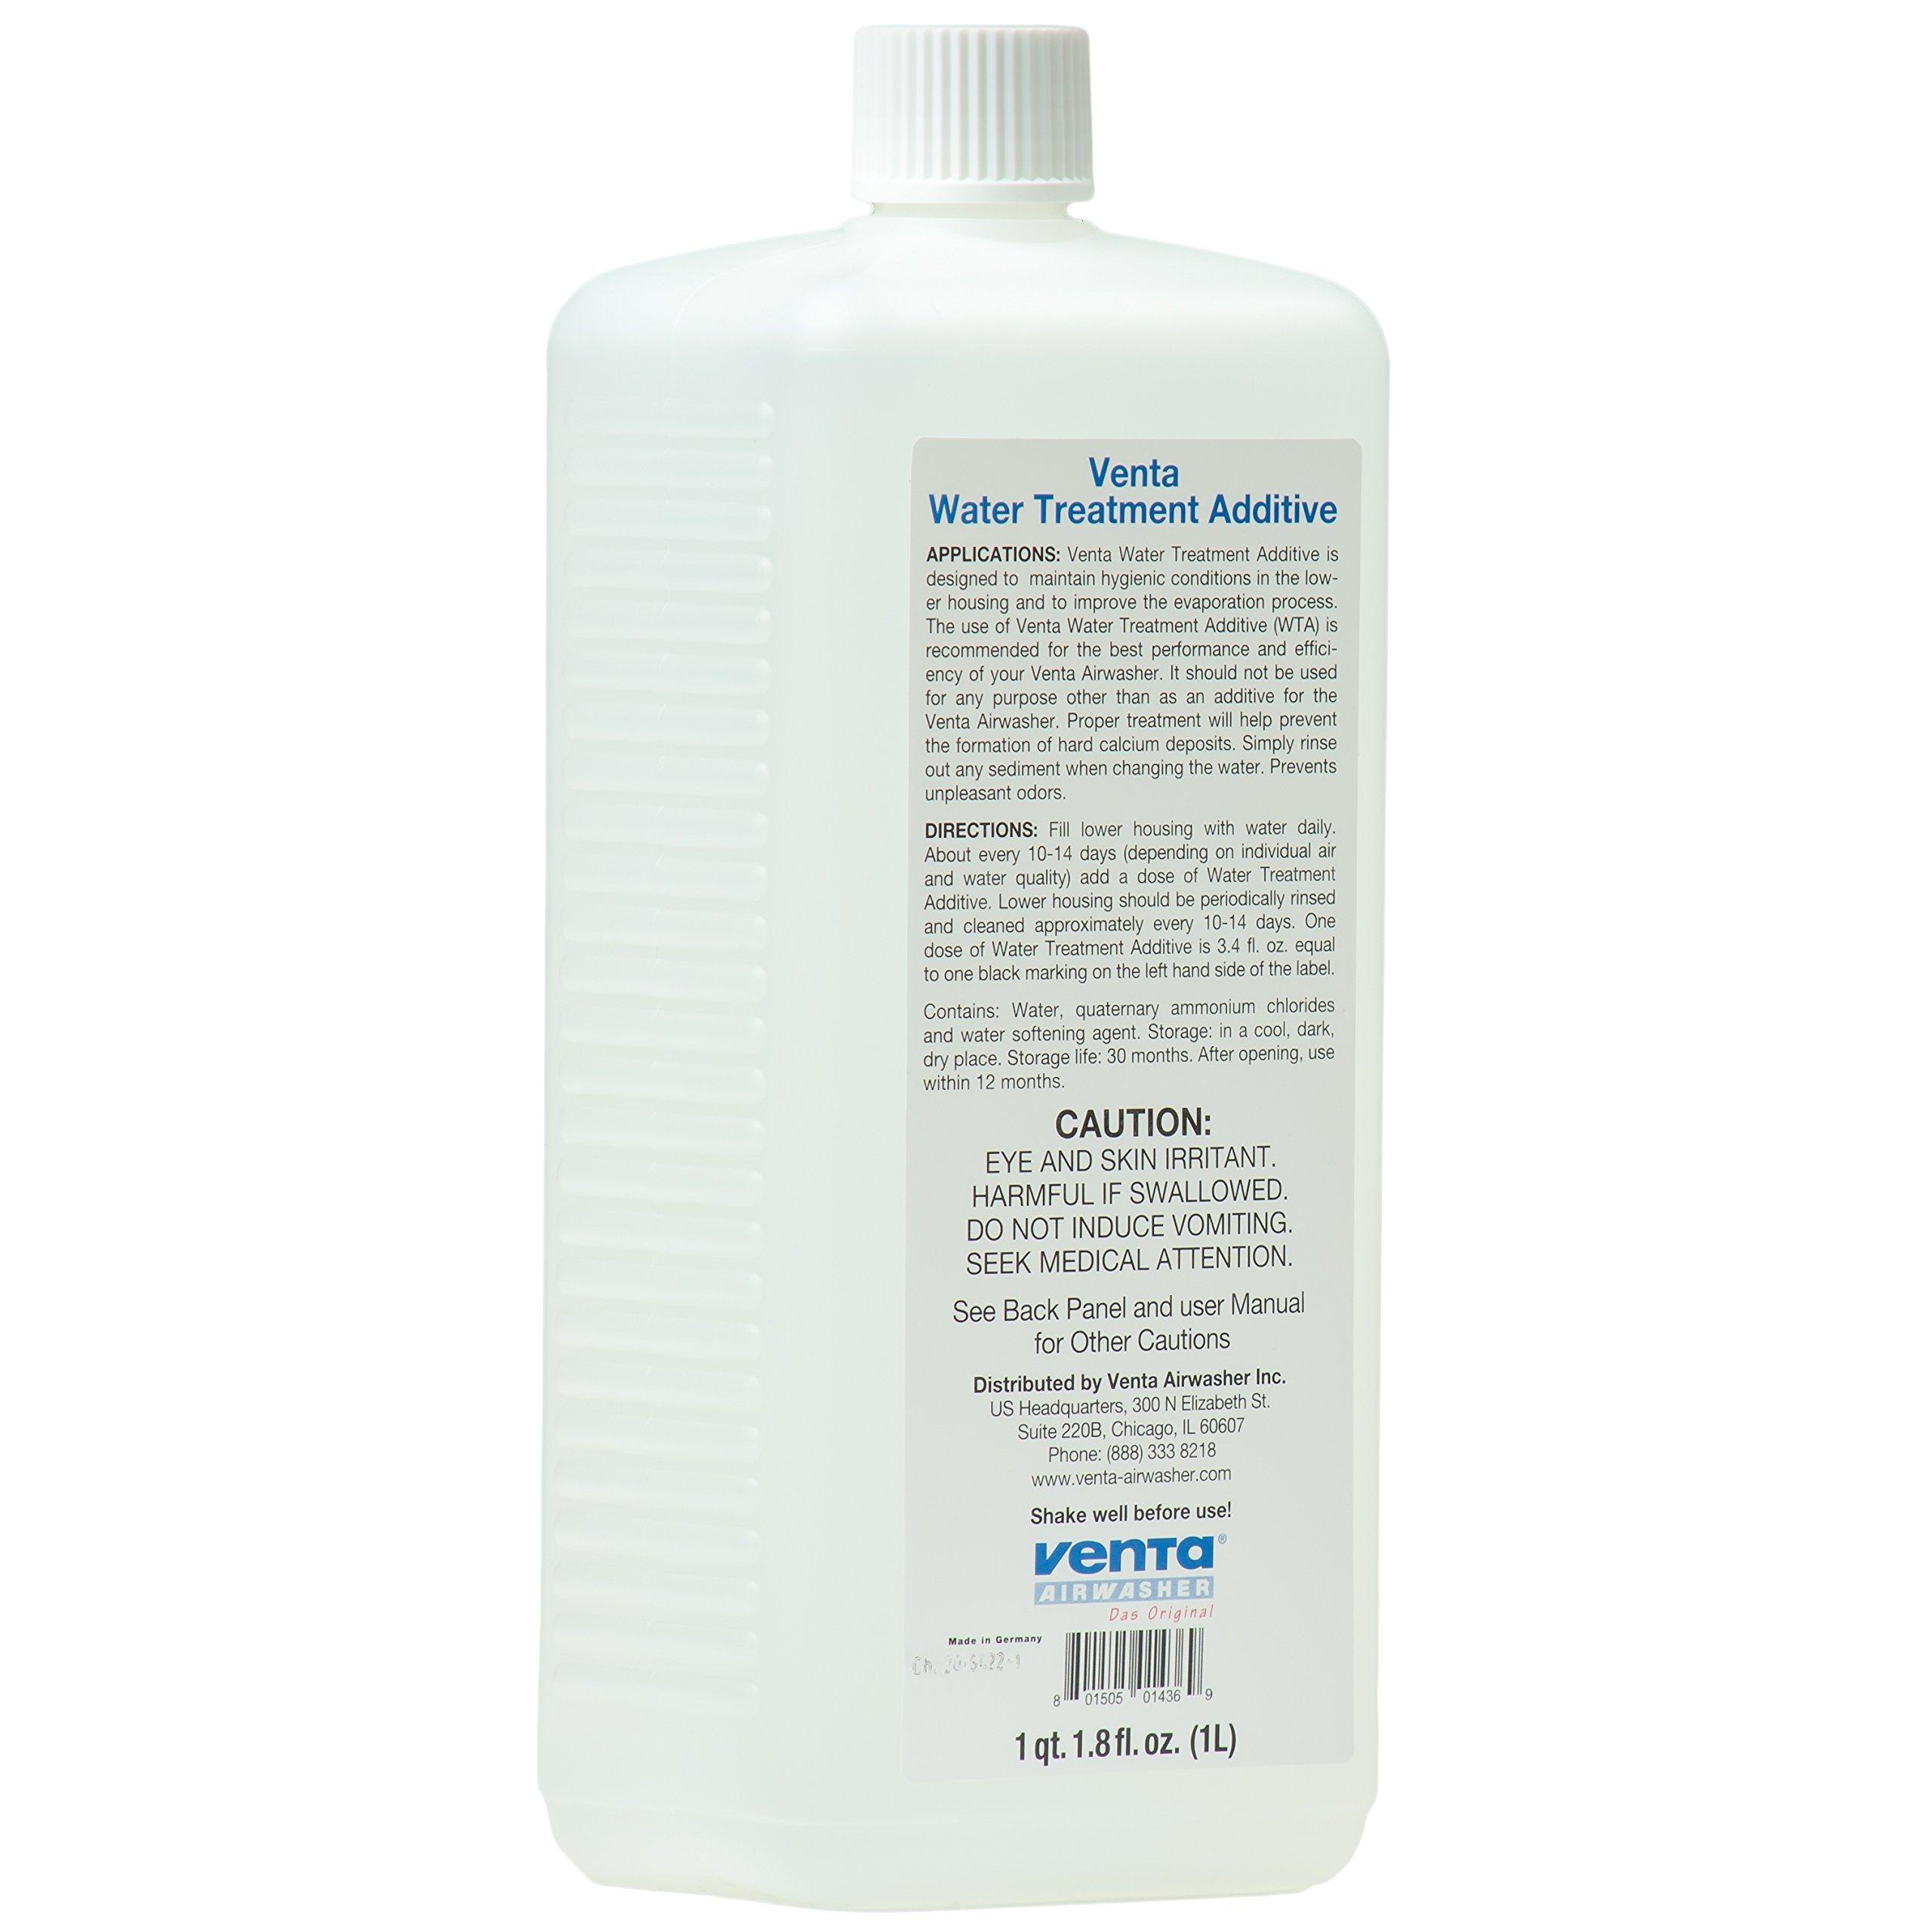 Venta Airwasher Water Treatment Additive